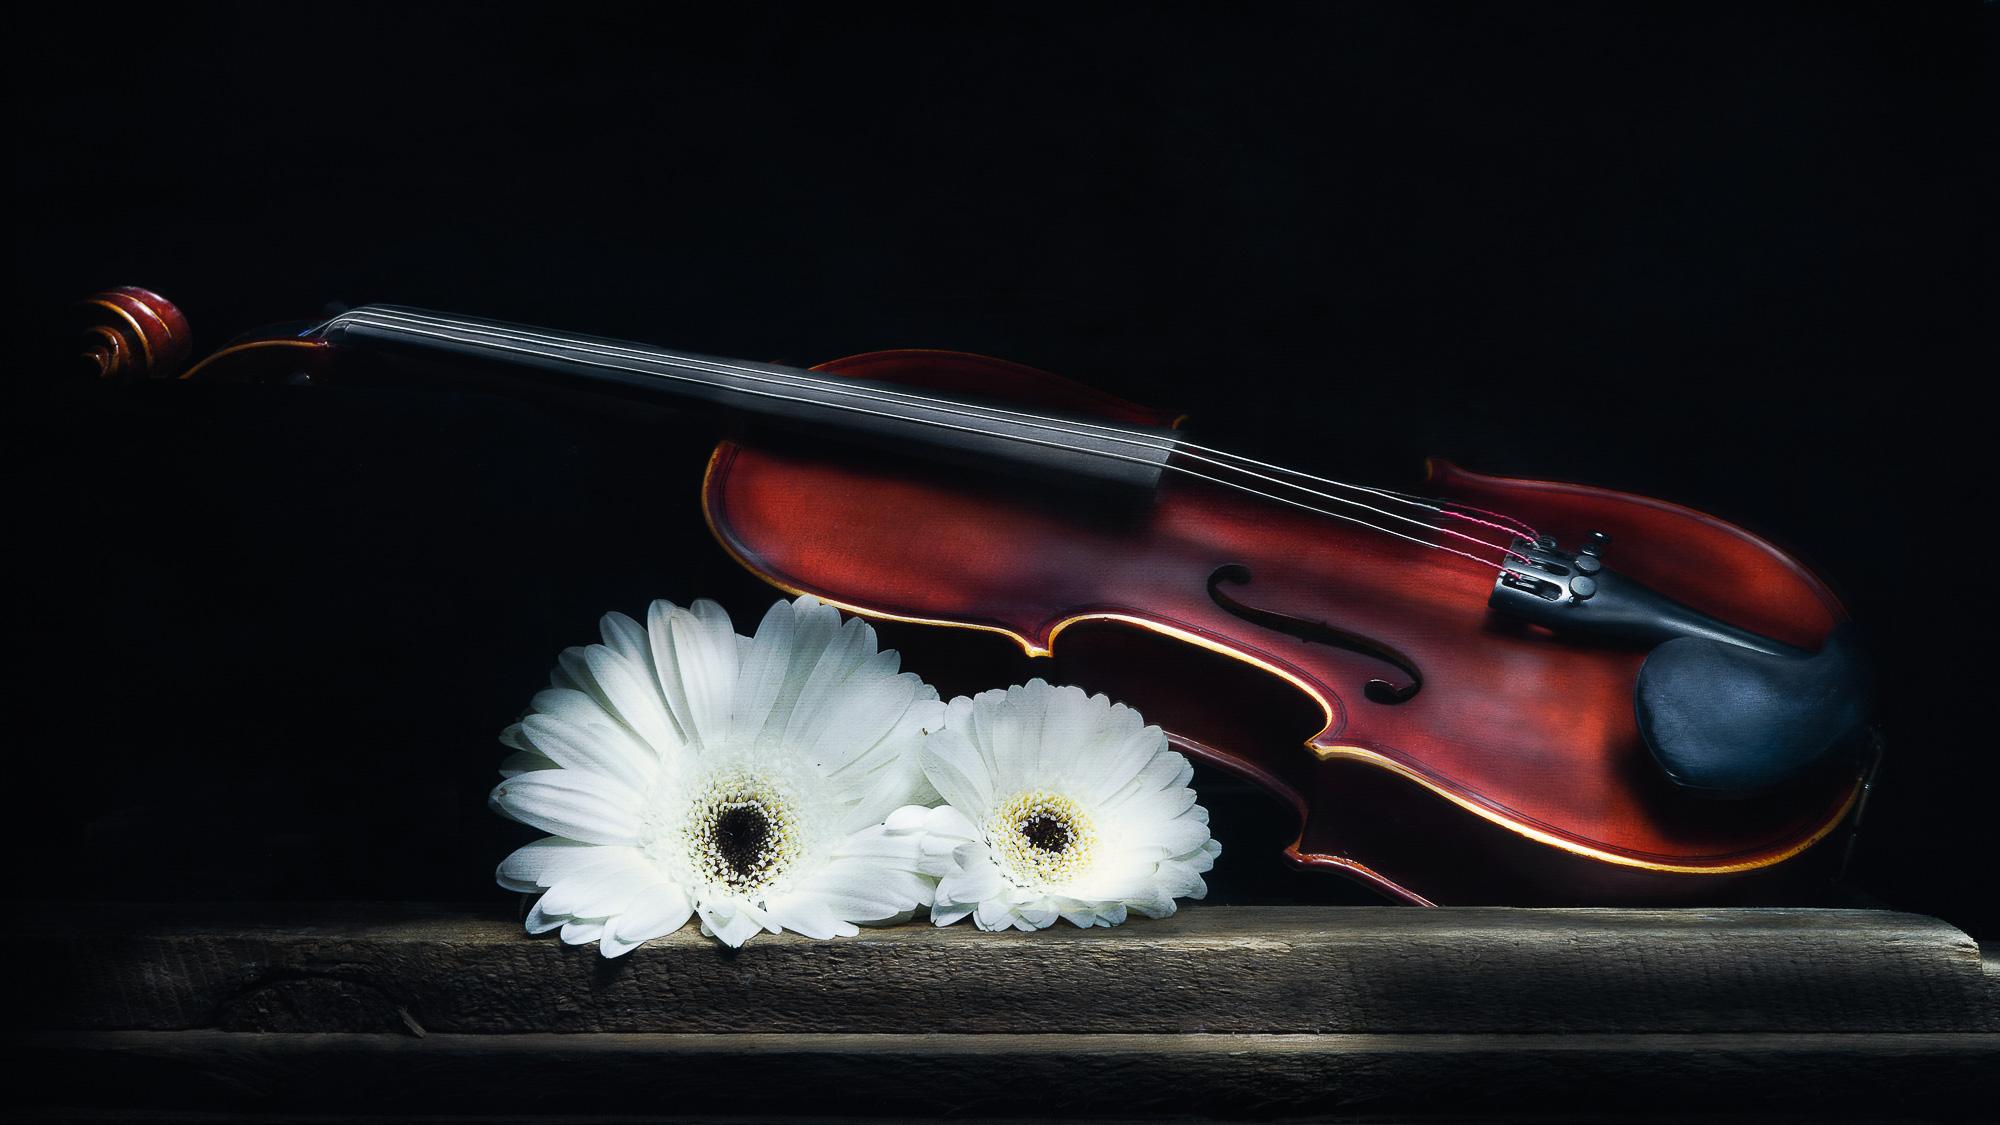 Julie Powell_The Violin-2.jpg